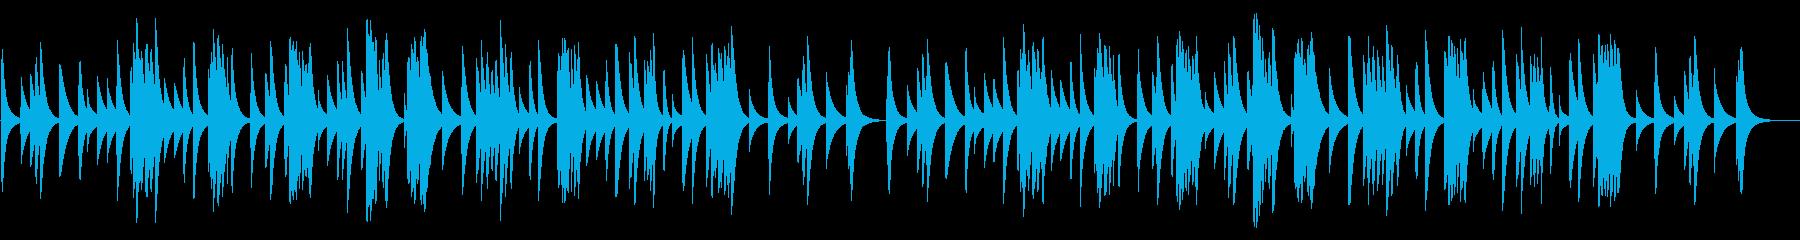 アヴェ・マリア(シューベルト) 18弁オの再生済みの波形